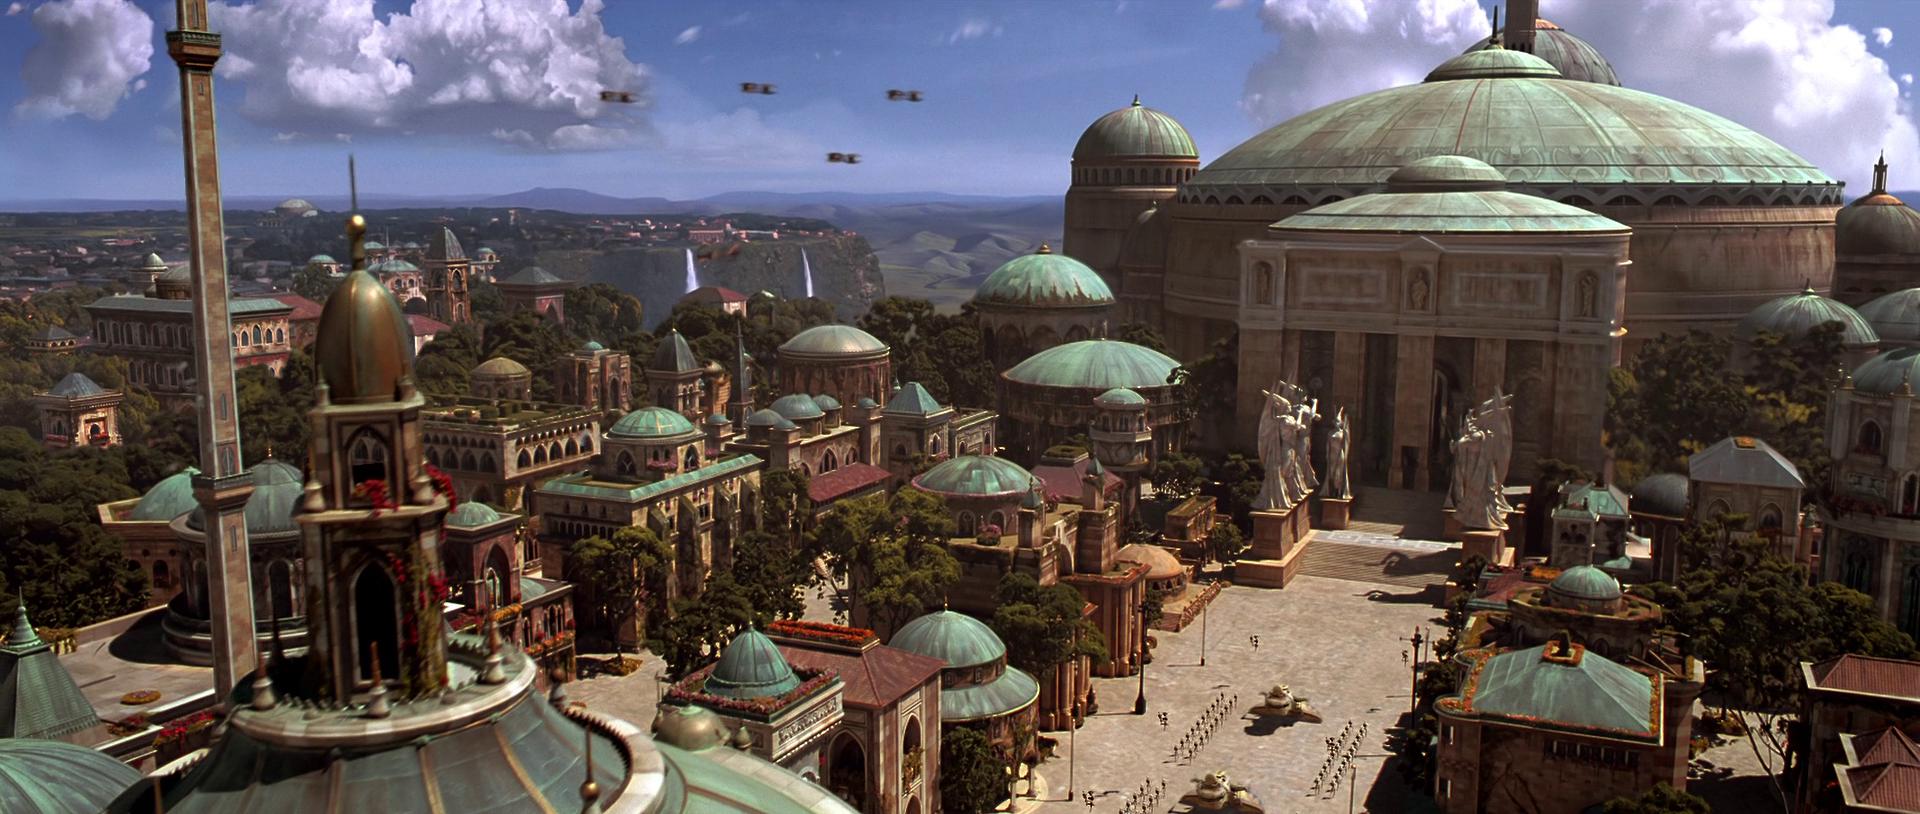 Star Wars Buildings